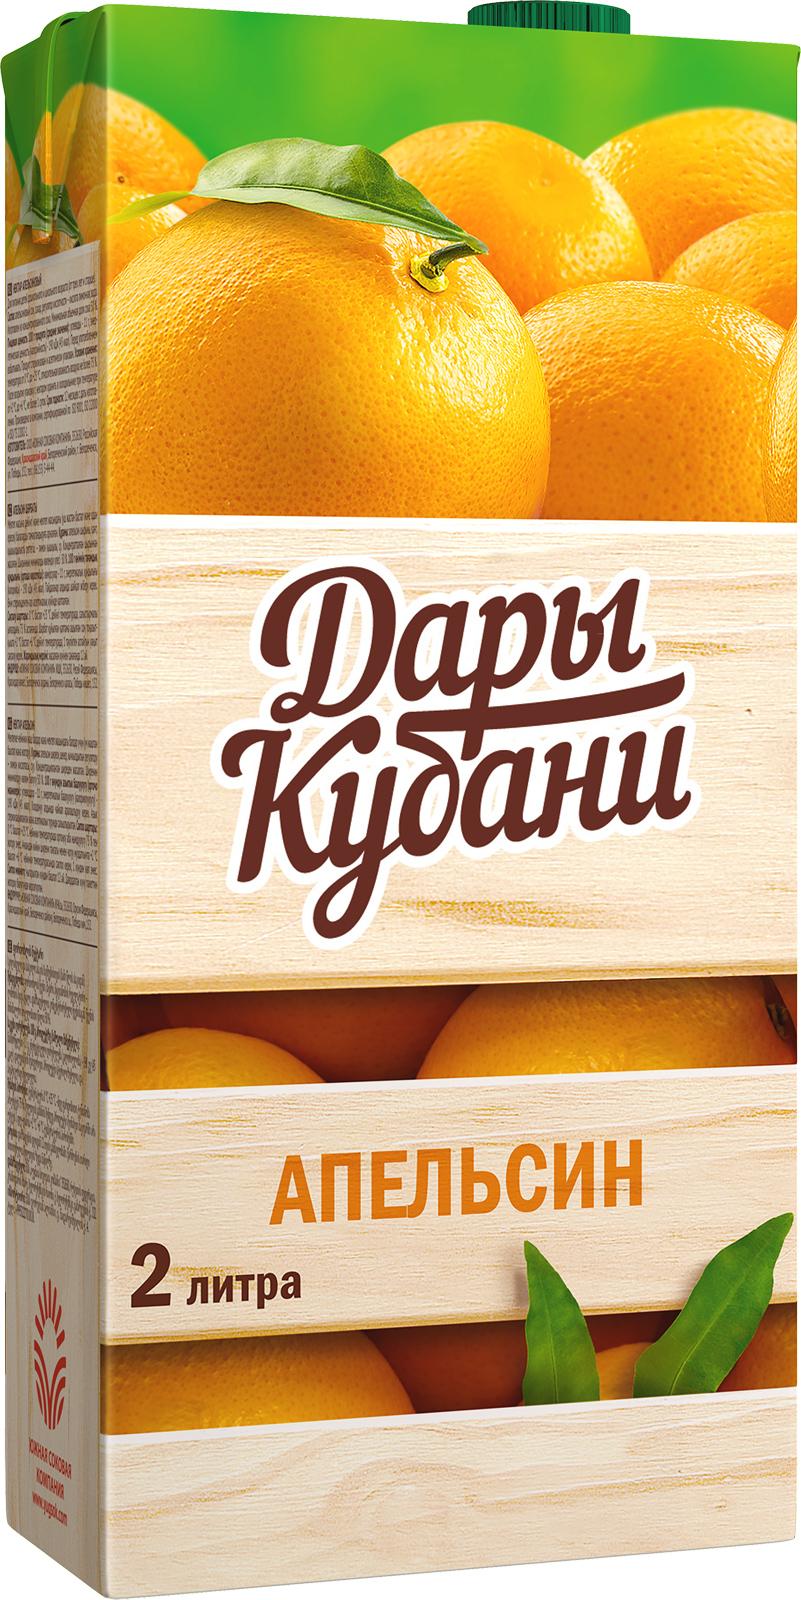 Нектар Дары Кубани апельсиновый 2 л дары кубани масло подсолнечное рафинированное высший сорт 1 л